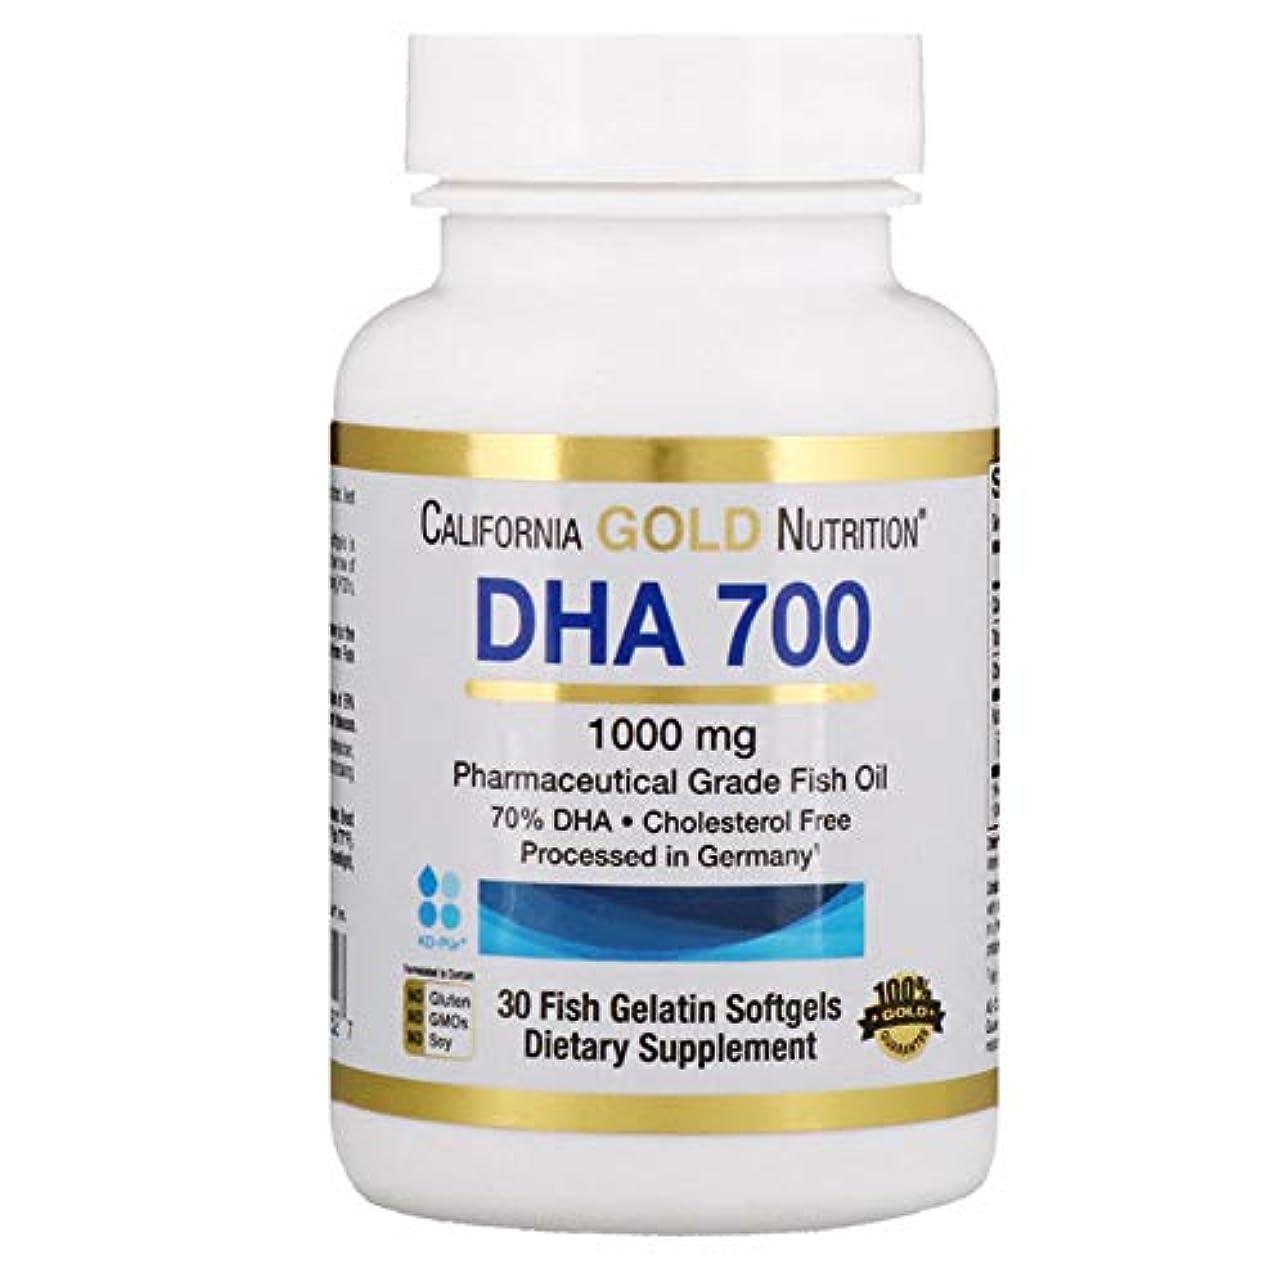 暫定の財政誤解を招くCalifornia Gold Nutrition DHA 700 フィッシュオイル 医薬品グレード 1000 mg 魚ゼラチンソフトジェル 30個 【アメリカ直送】